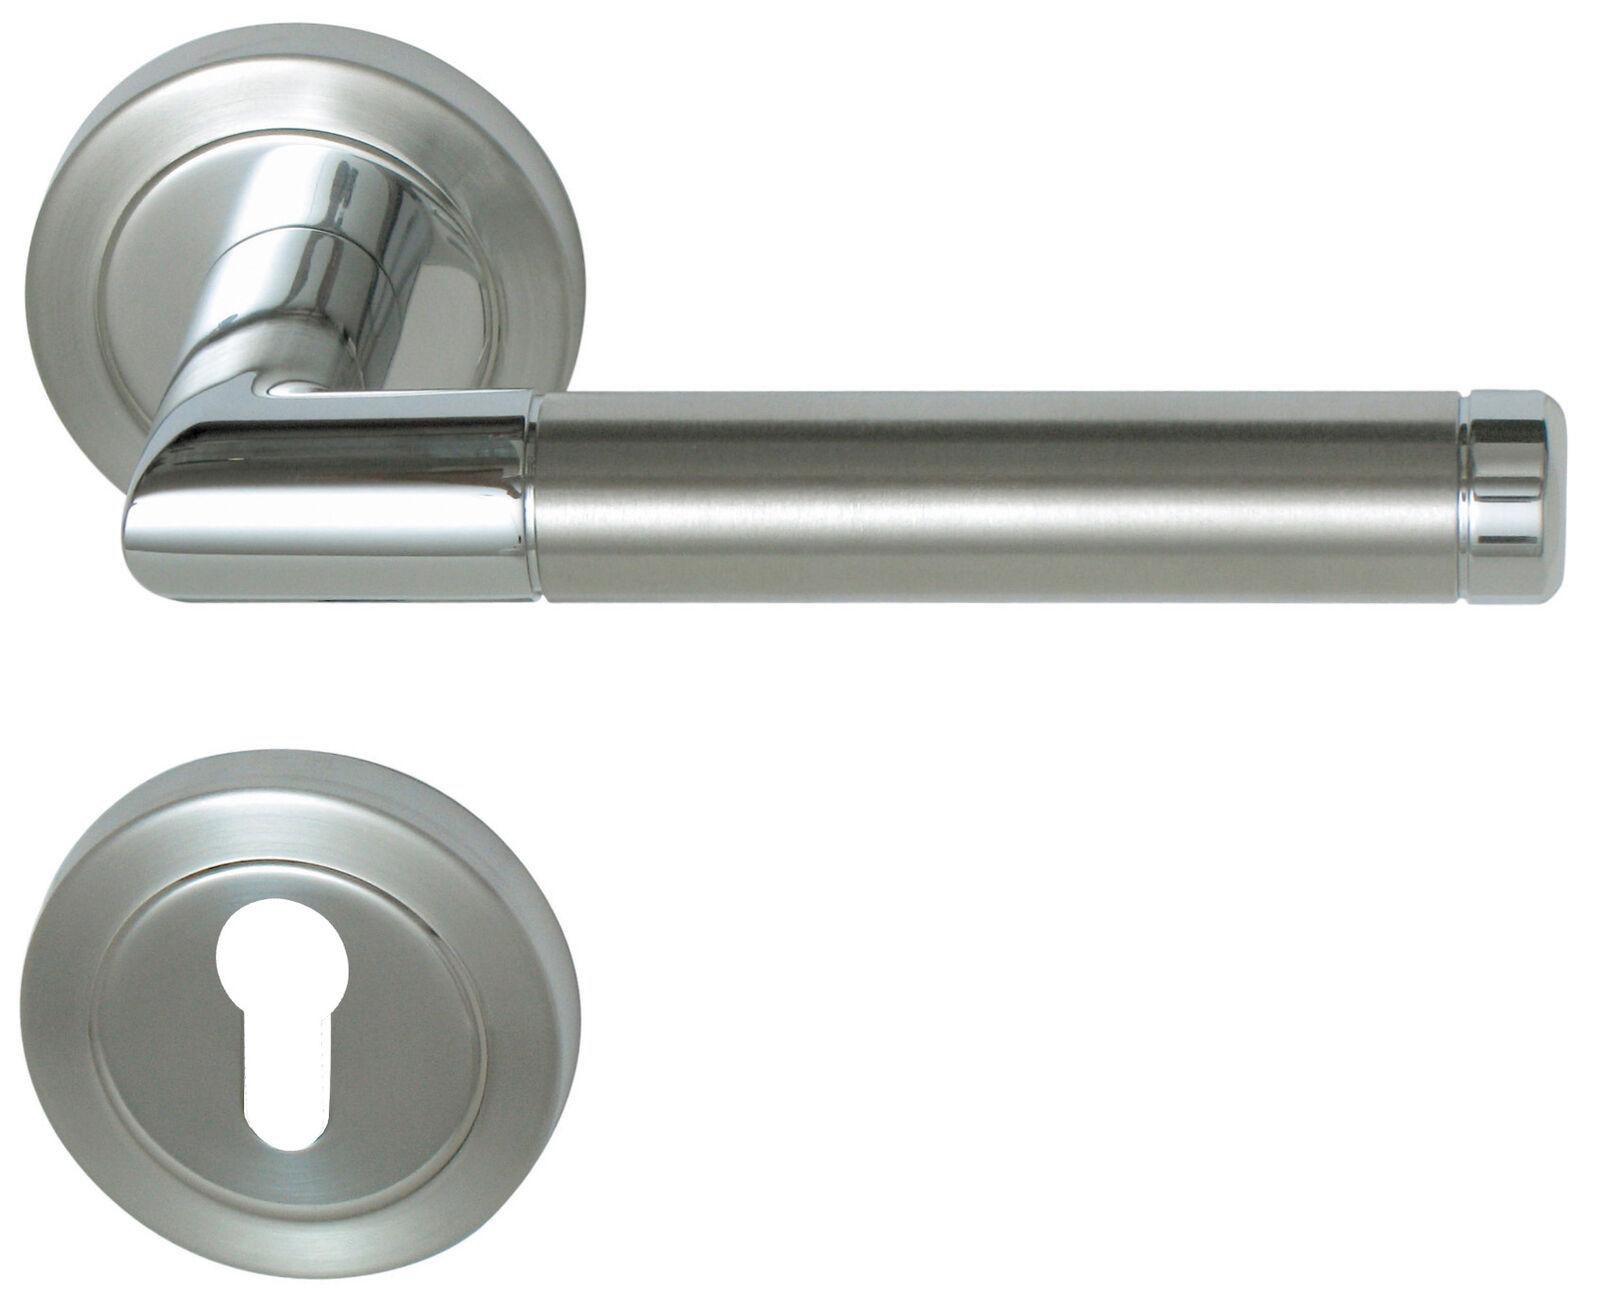 Südmetall Südmetall Südmetall Türbeschlag Royal Chrom Edelstahl für W-Eingangstüren 32540210 | Tadellos  ce8135